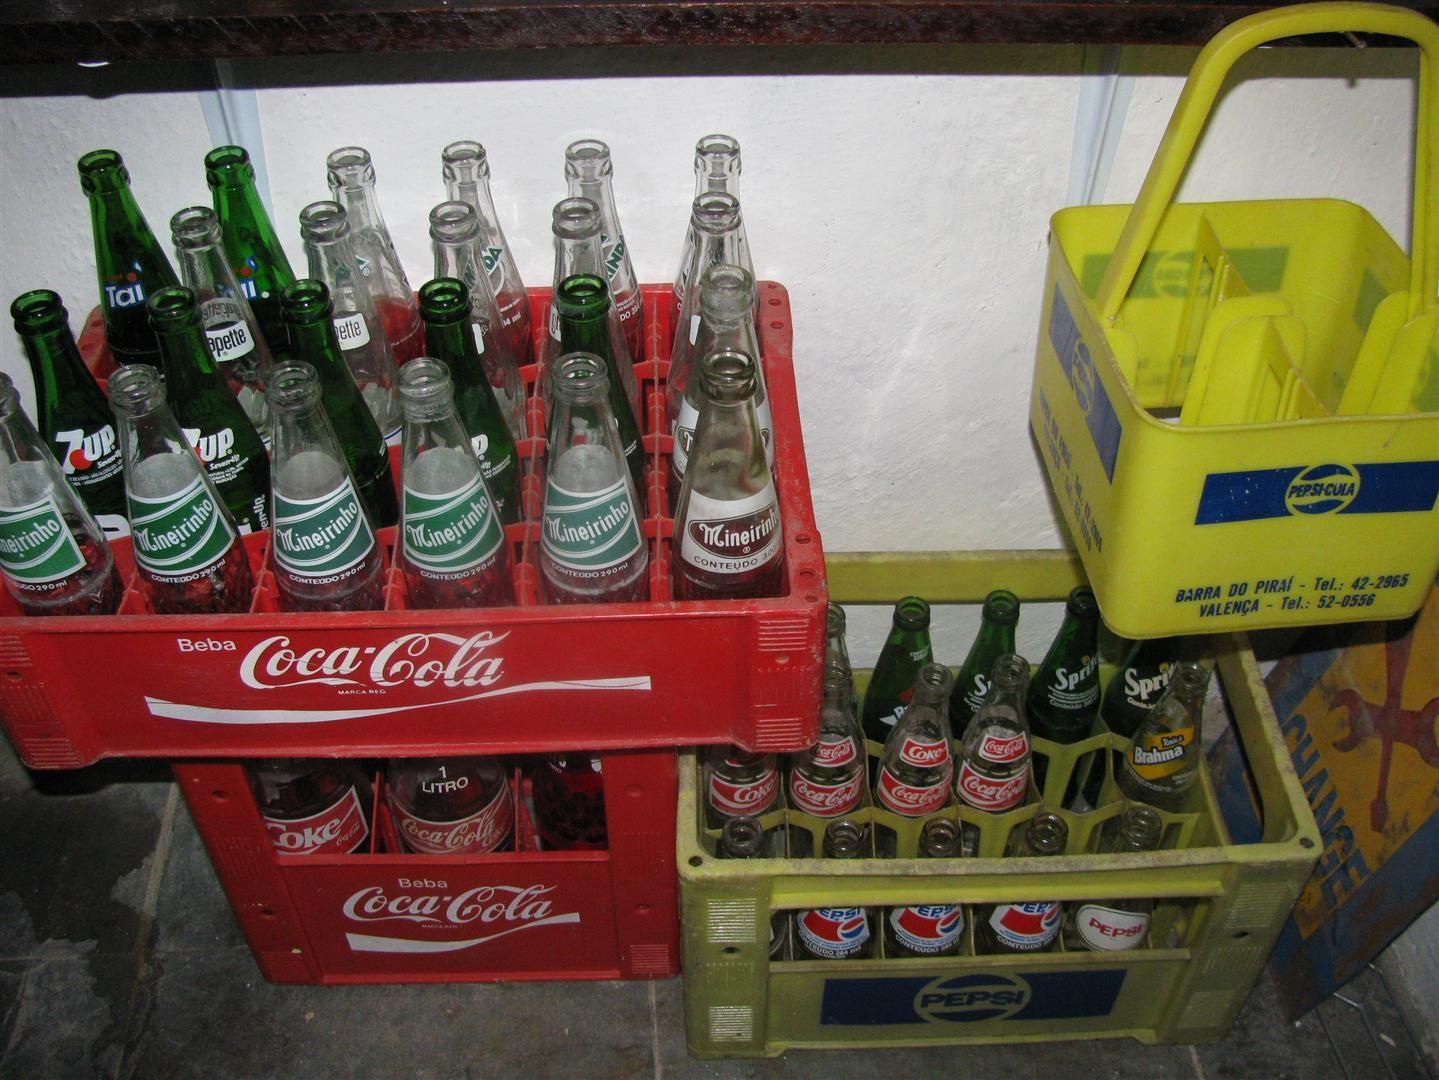 Refrigerantes Antigos: Mineirinho, Grapette, Coca-Cola, Pepsi ...